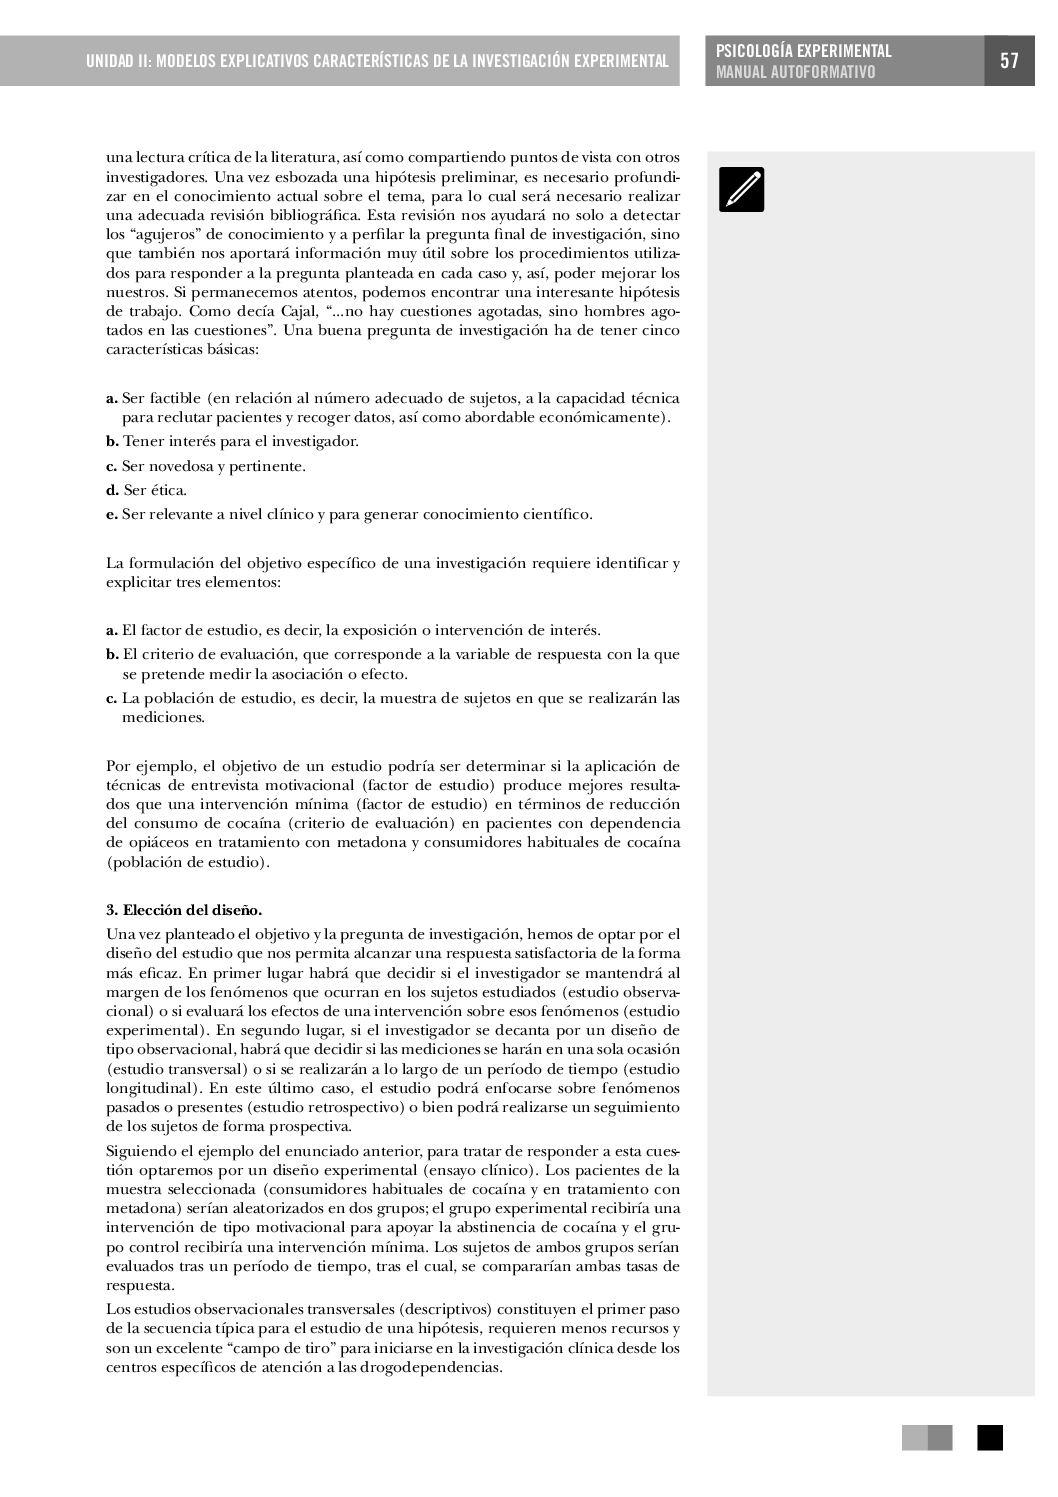 A0398 Psicología Experimental Mau01 Calameo Downloader